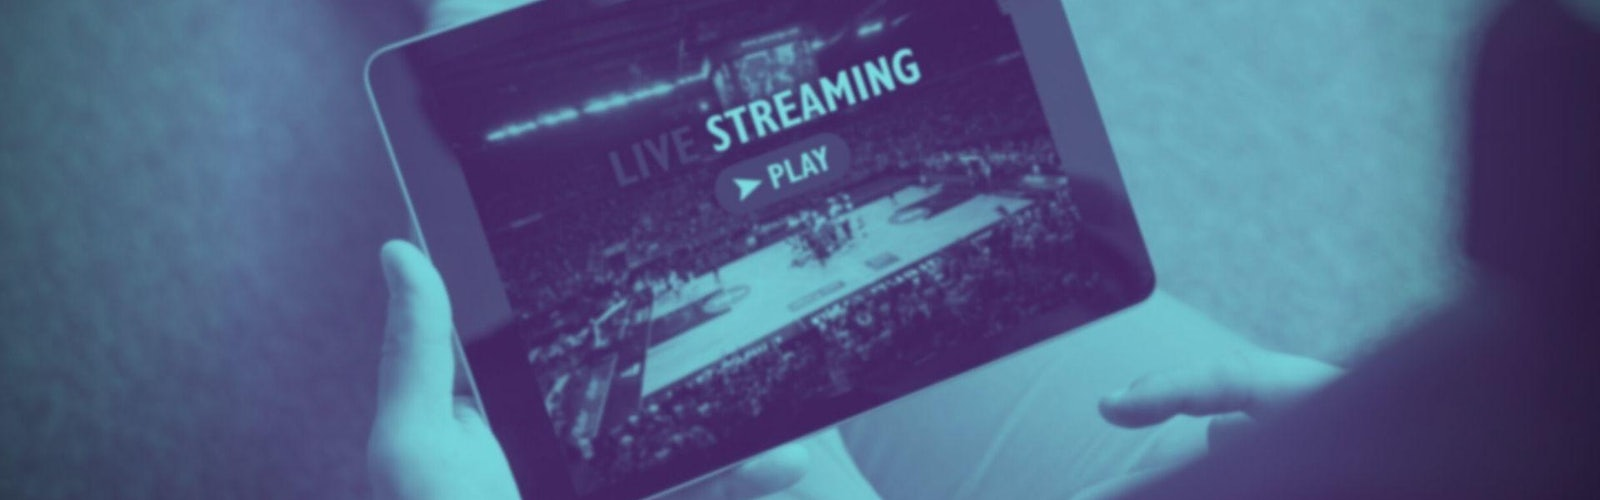 Sportwetten Live Stream Header Banner